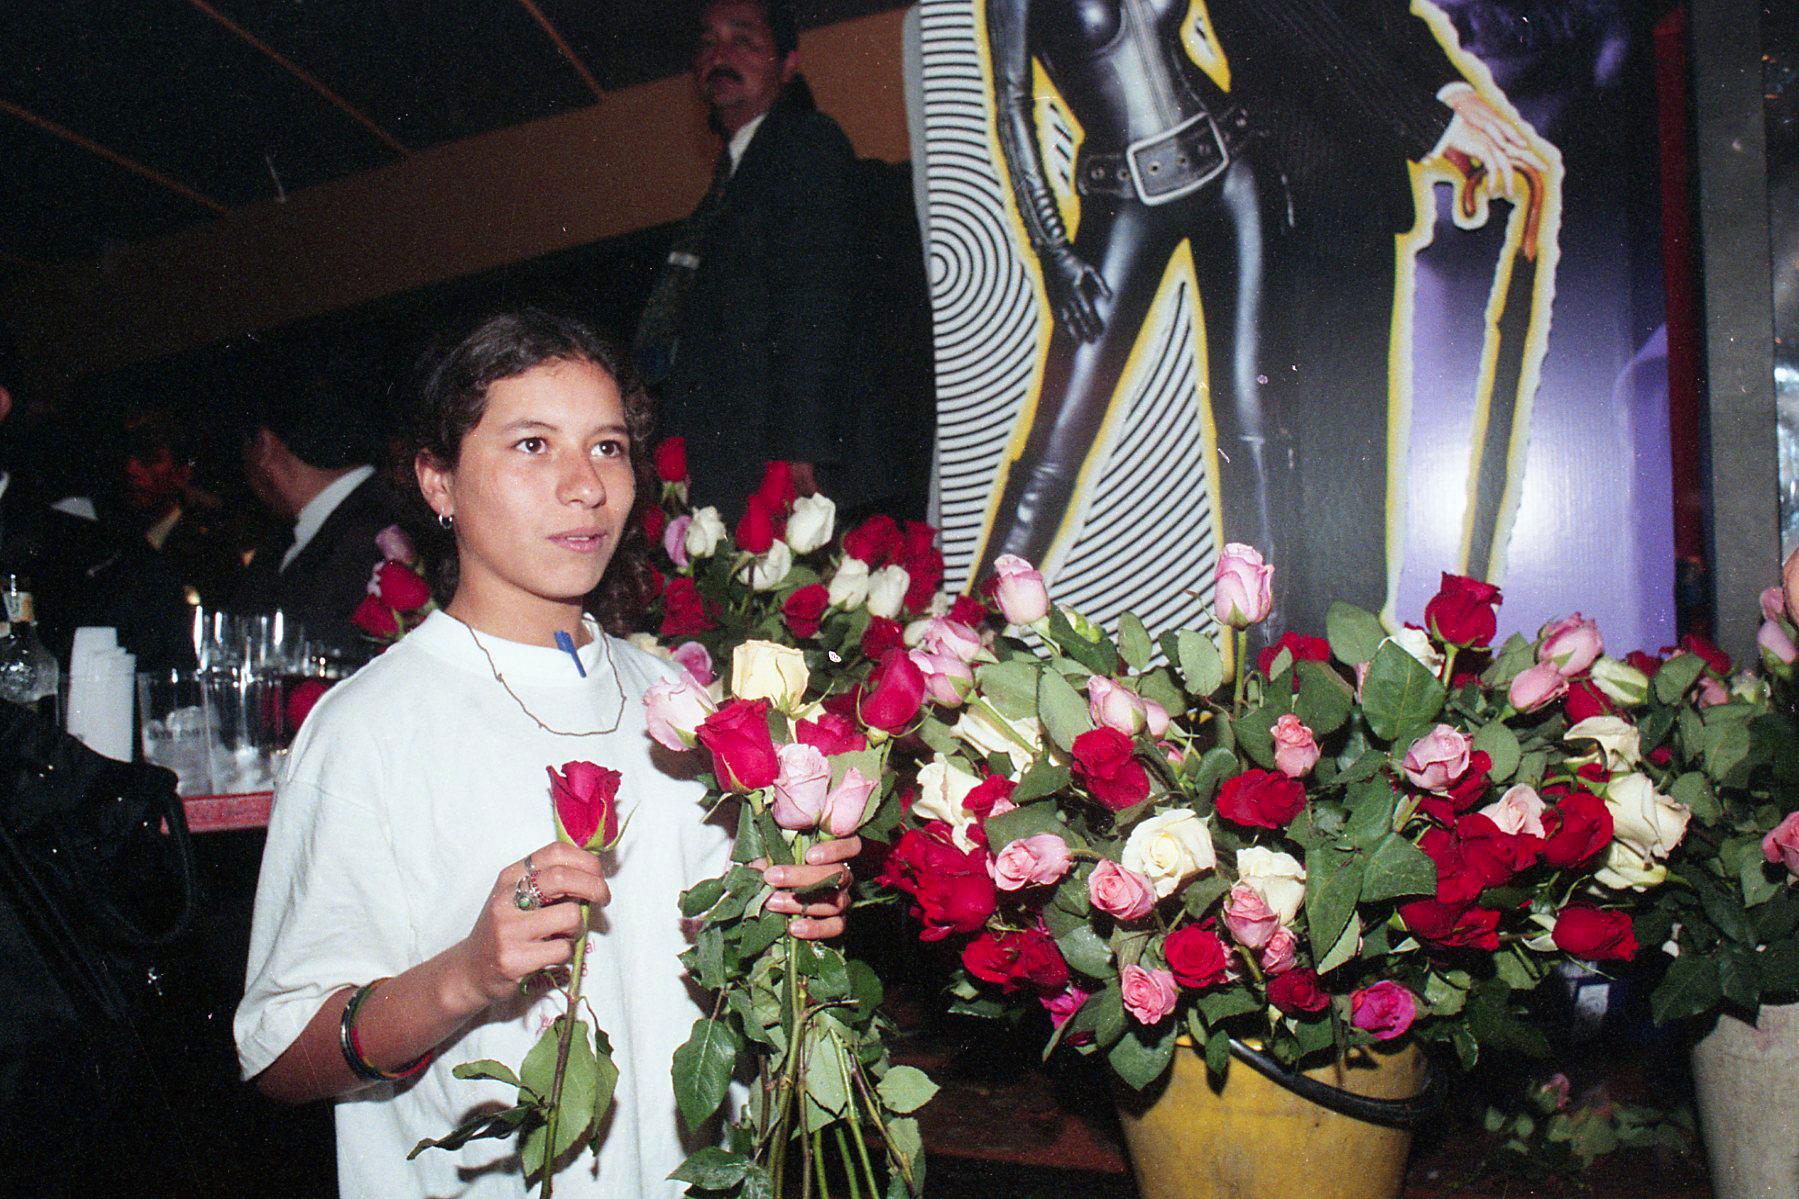 La 'Vendedora de rosas' se realizó una cirugia plástica y ...